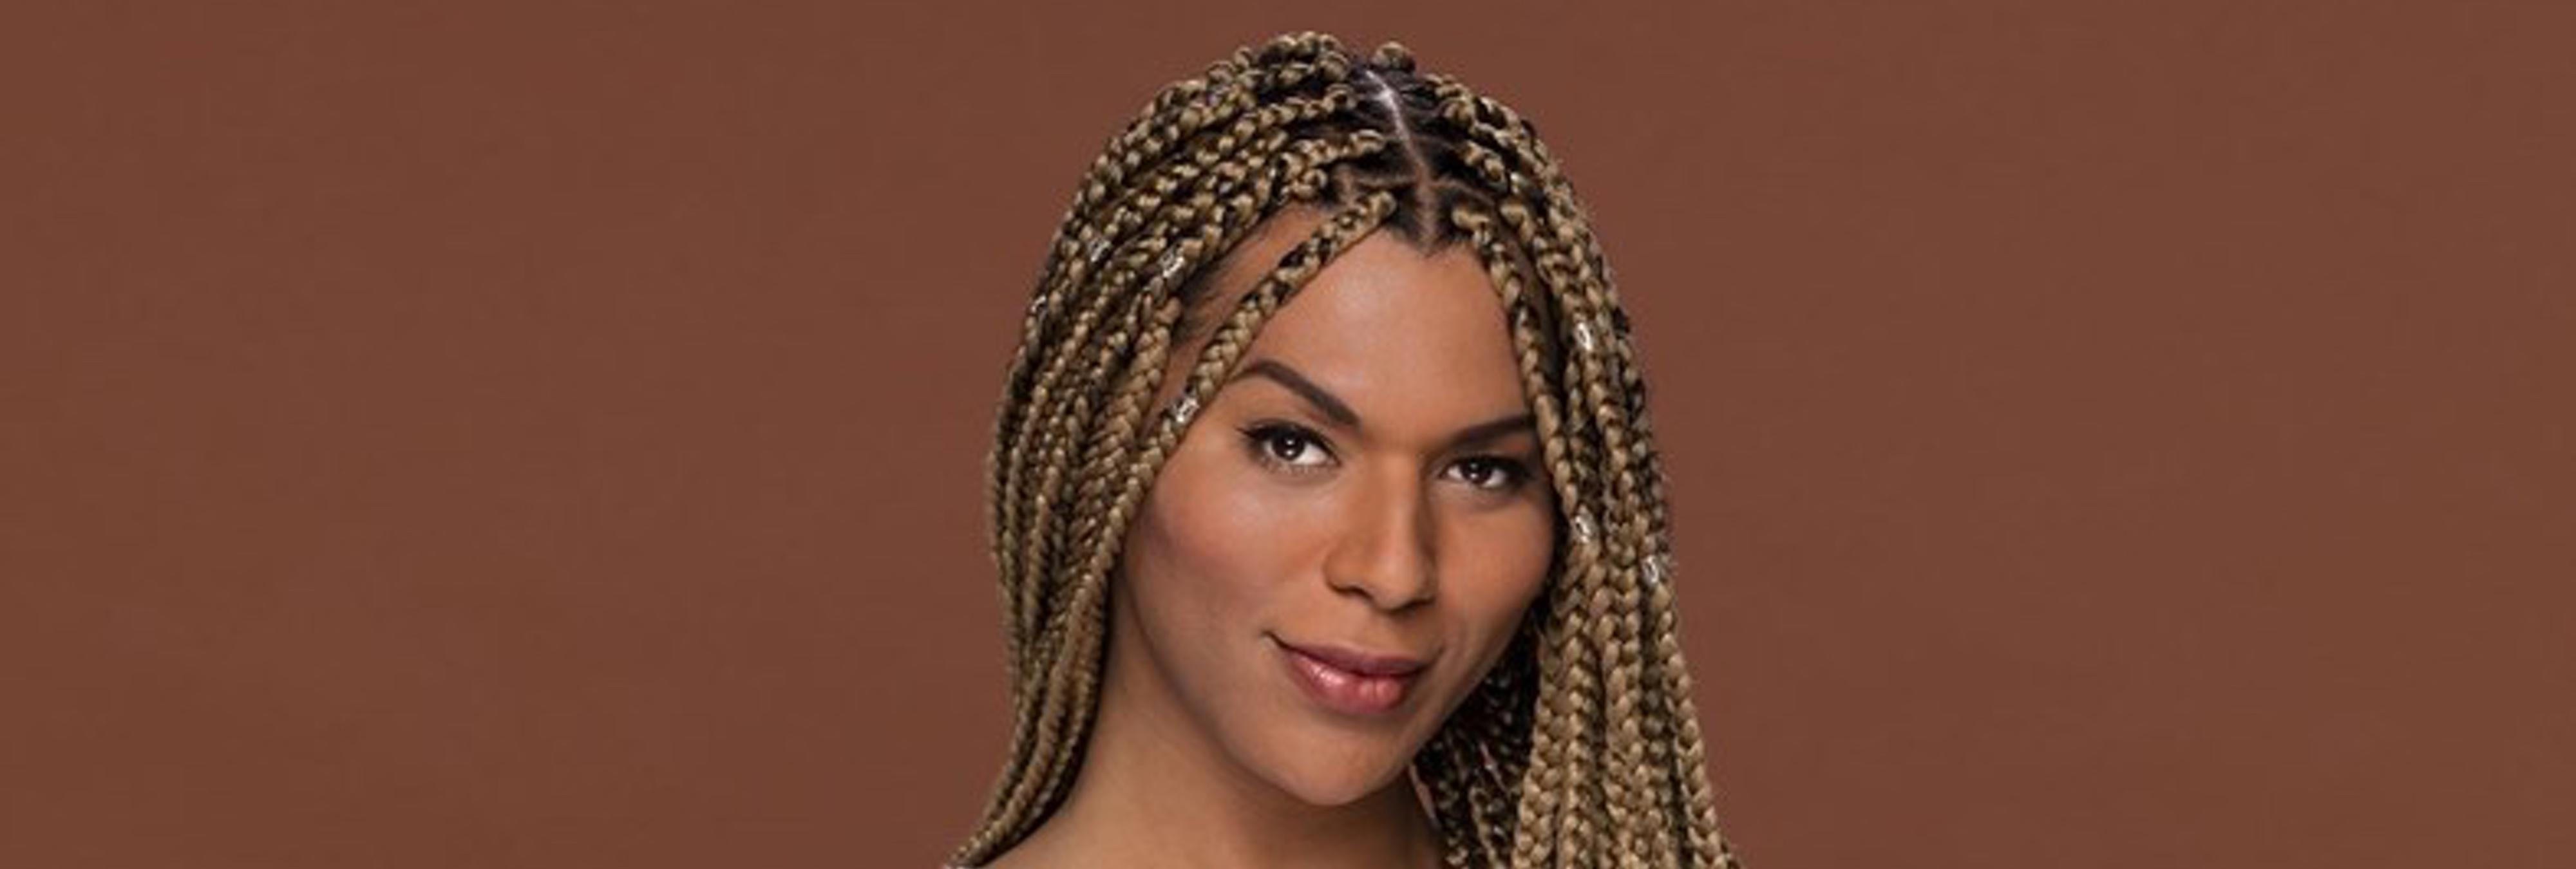 L'Oreal despide a su primera modelo transgénero por unas declaraciones sobre racismo